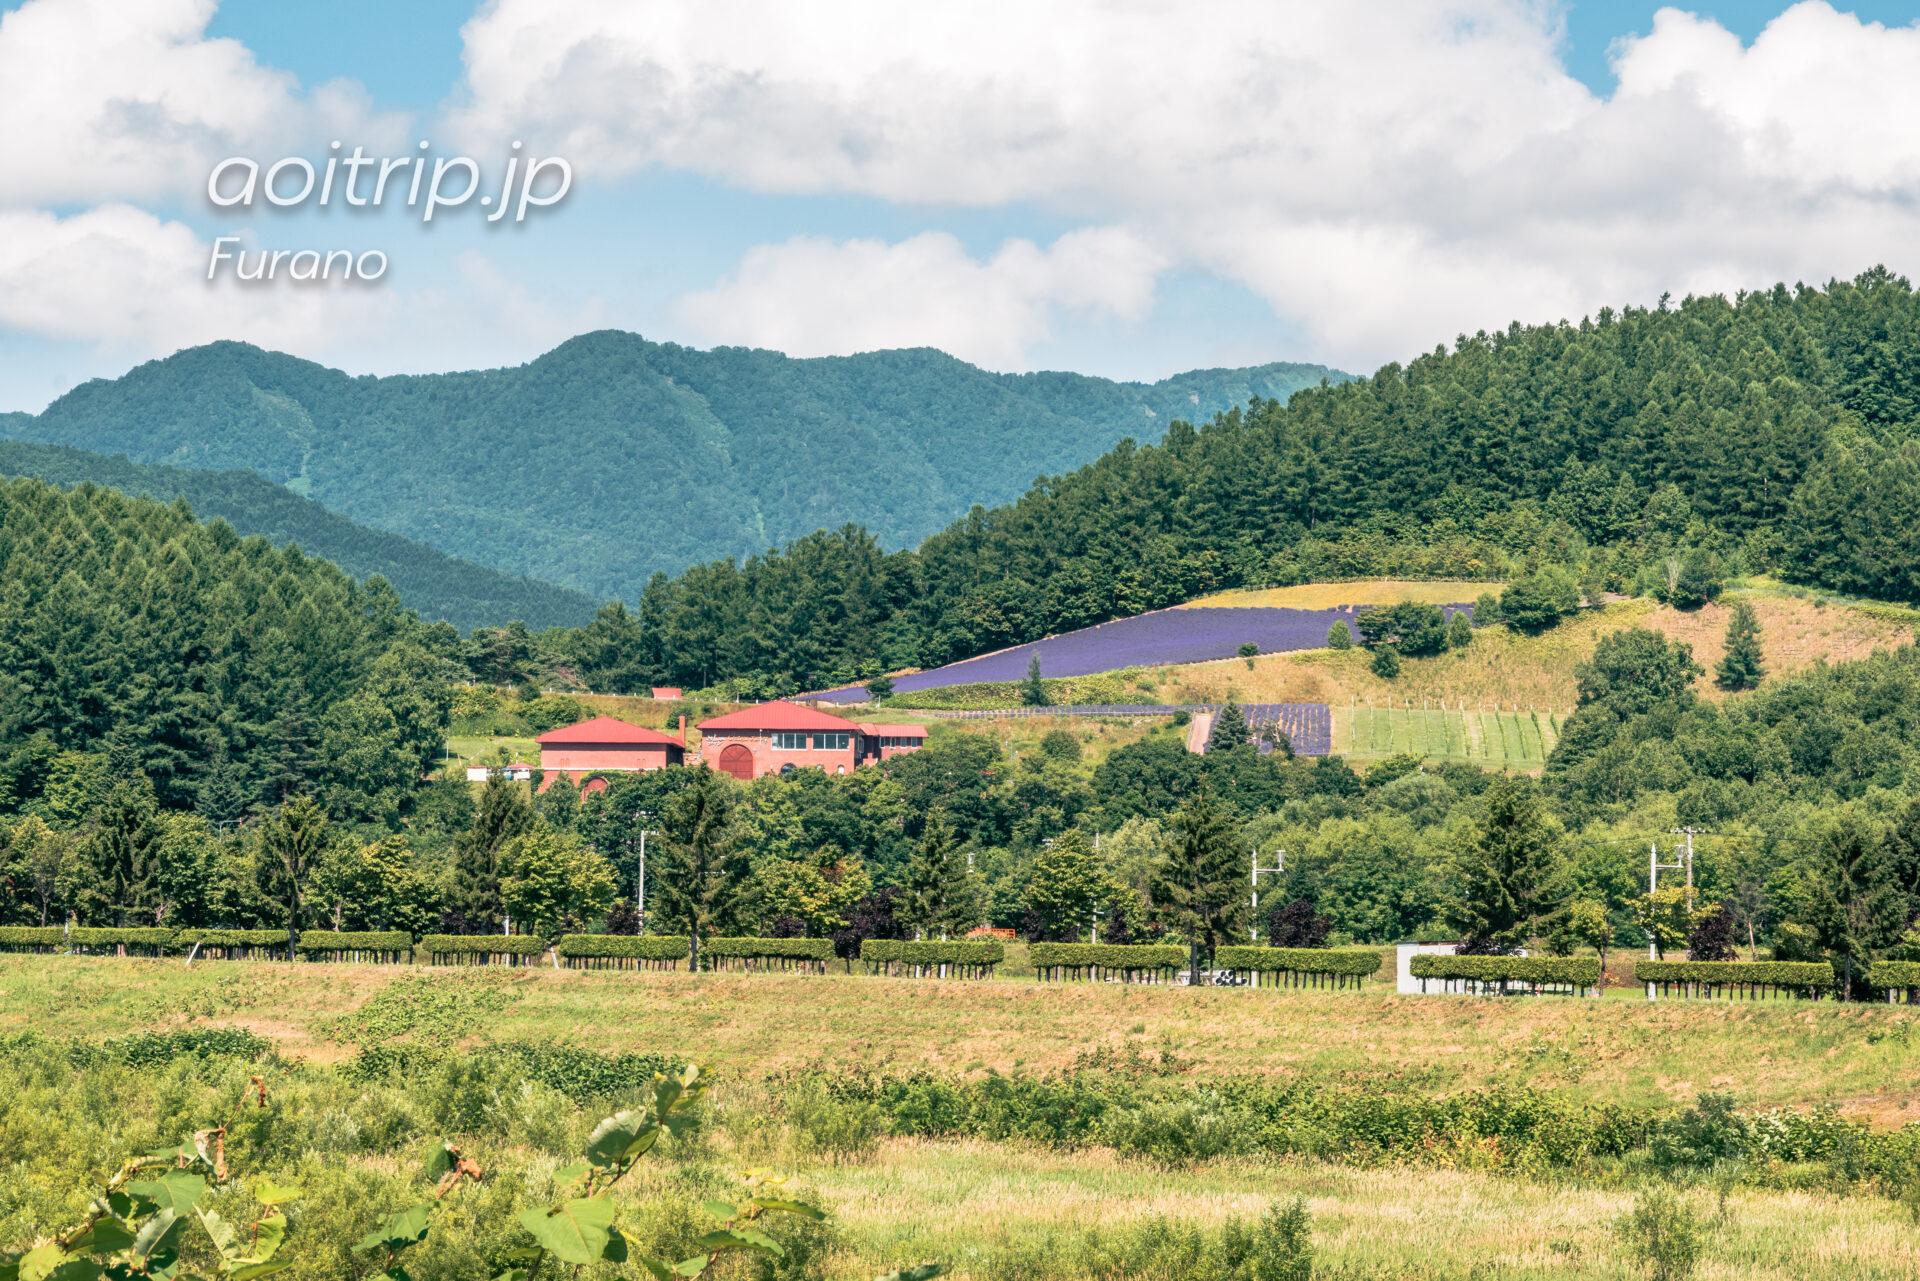 ふらのワインハウスの外観 Furano Wine House